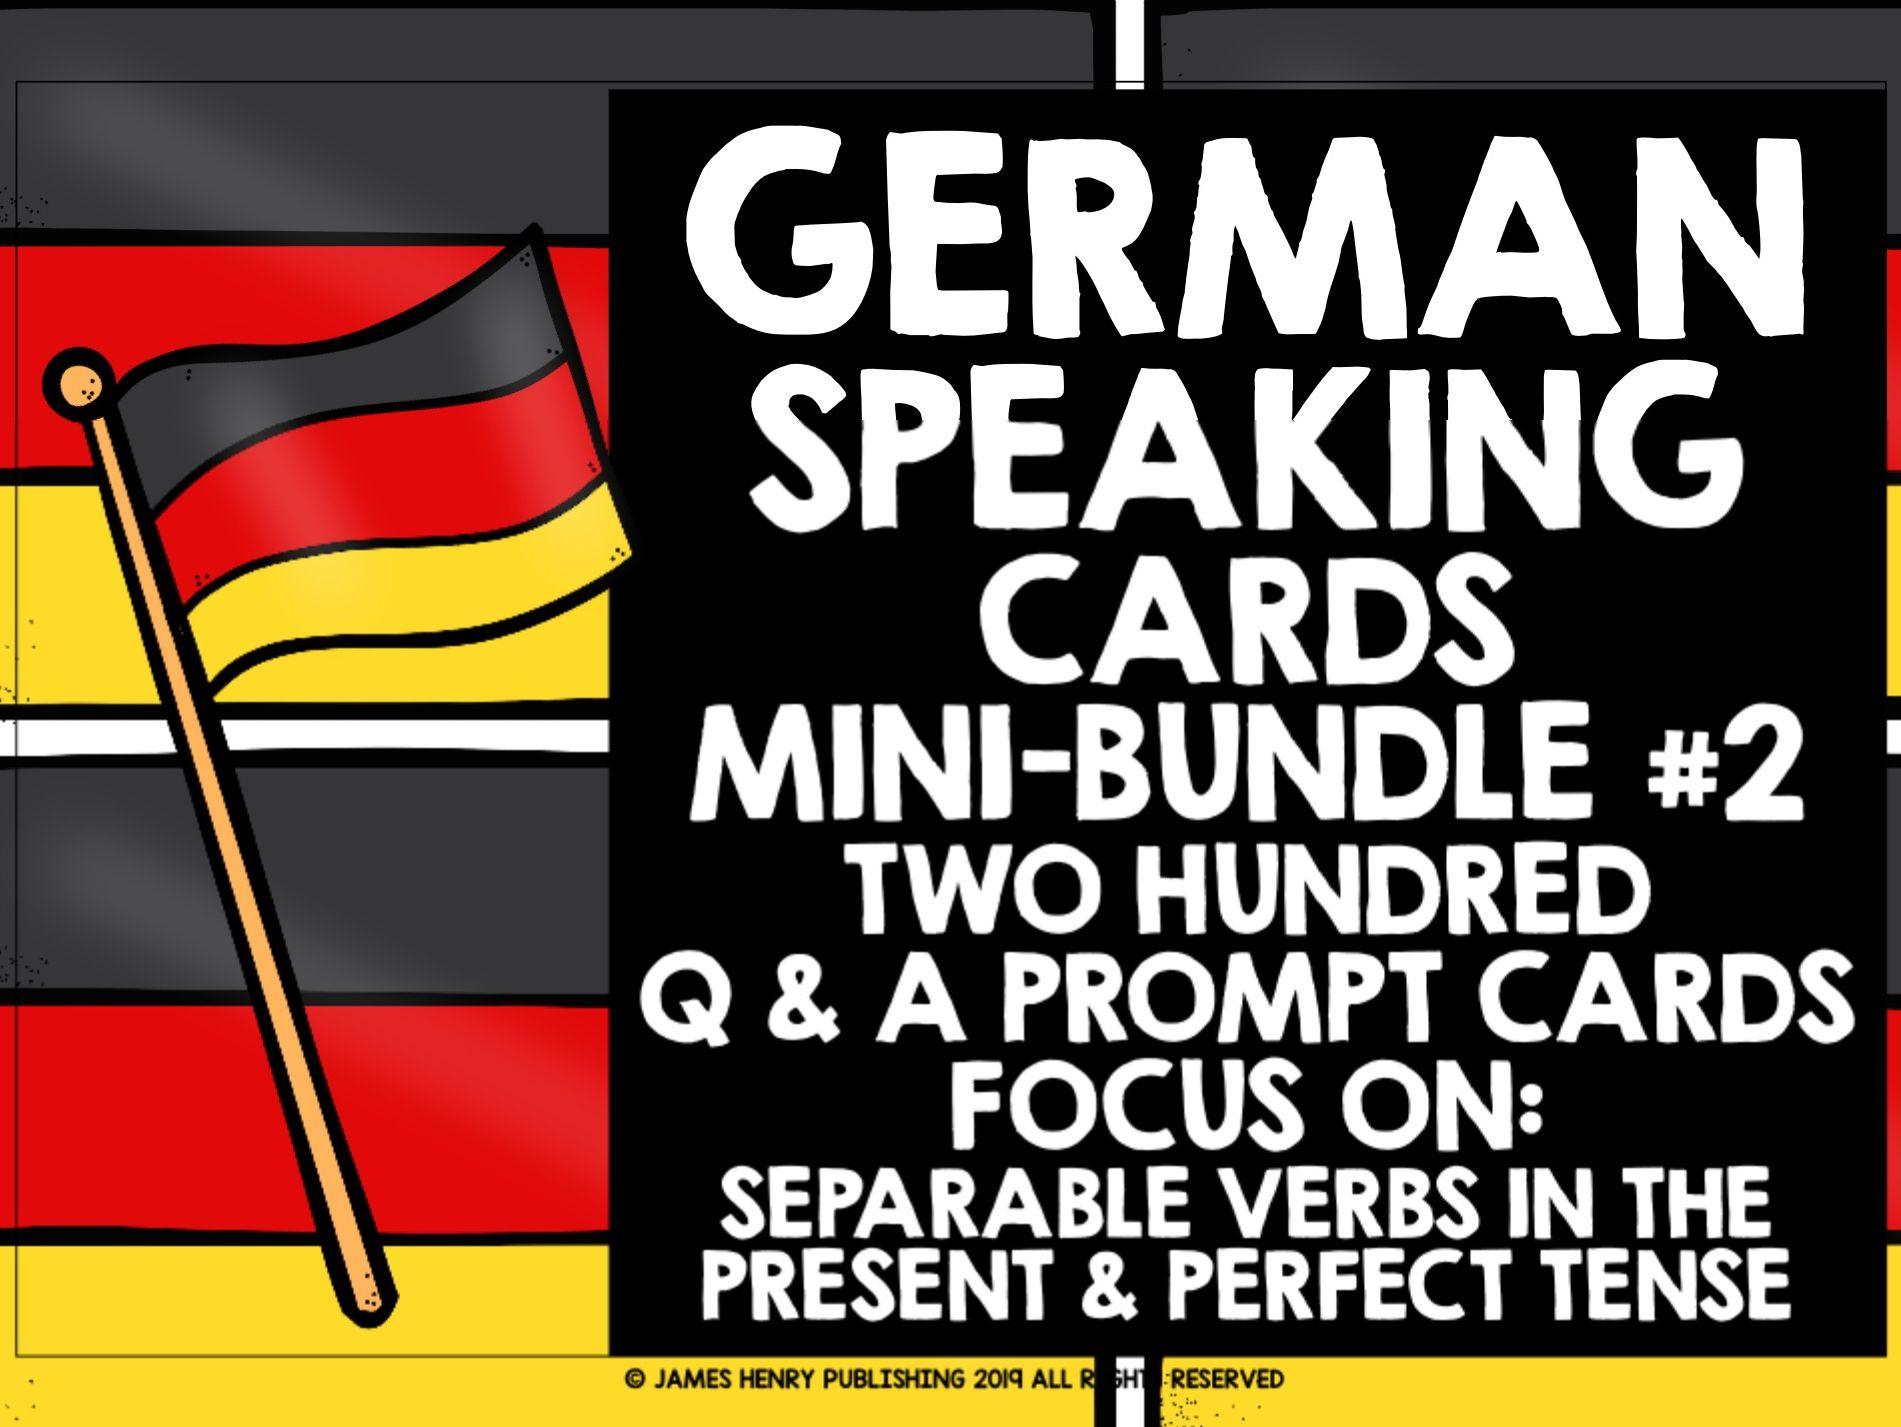 GERMAN SPEAKING PRACTICE MINI-BUNDLE #2